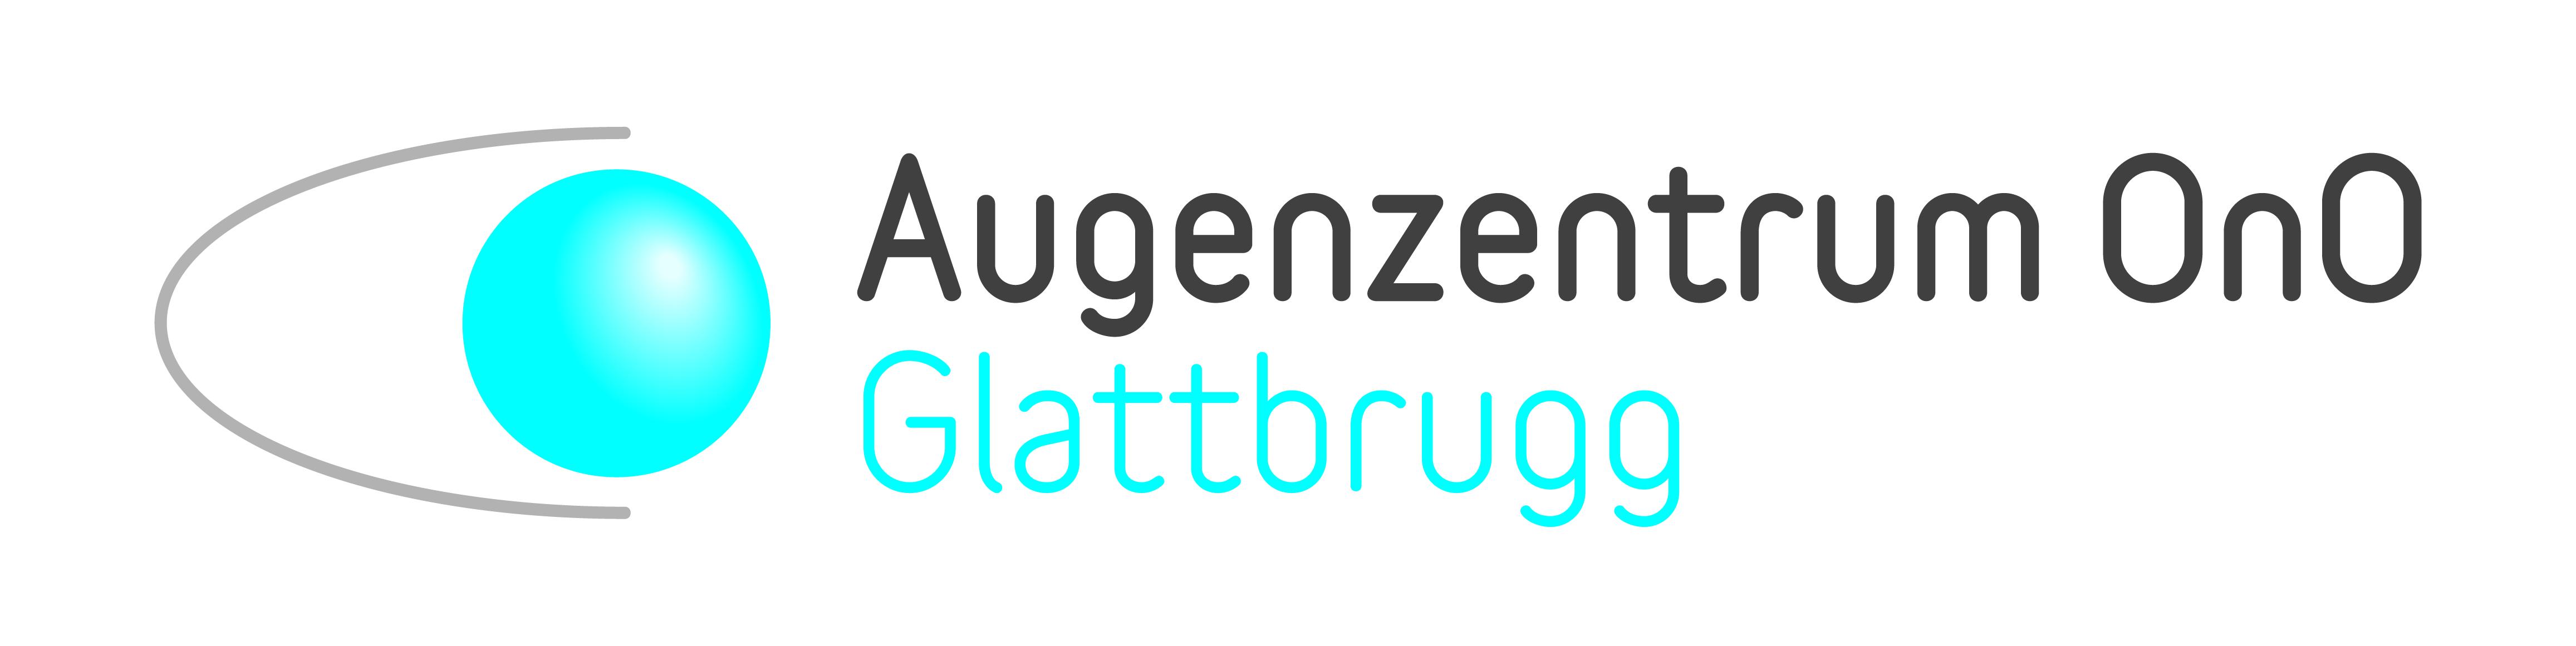 Augenzentrum ONO Glattbrugg